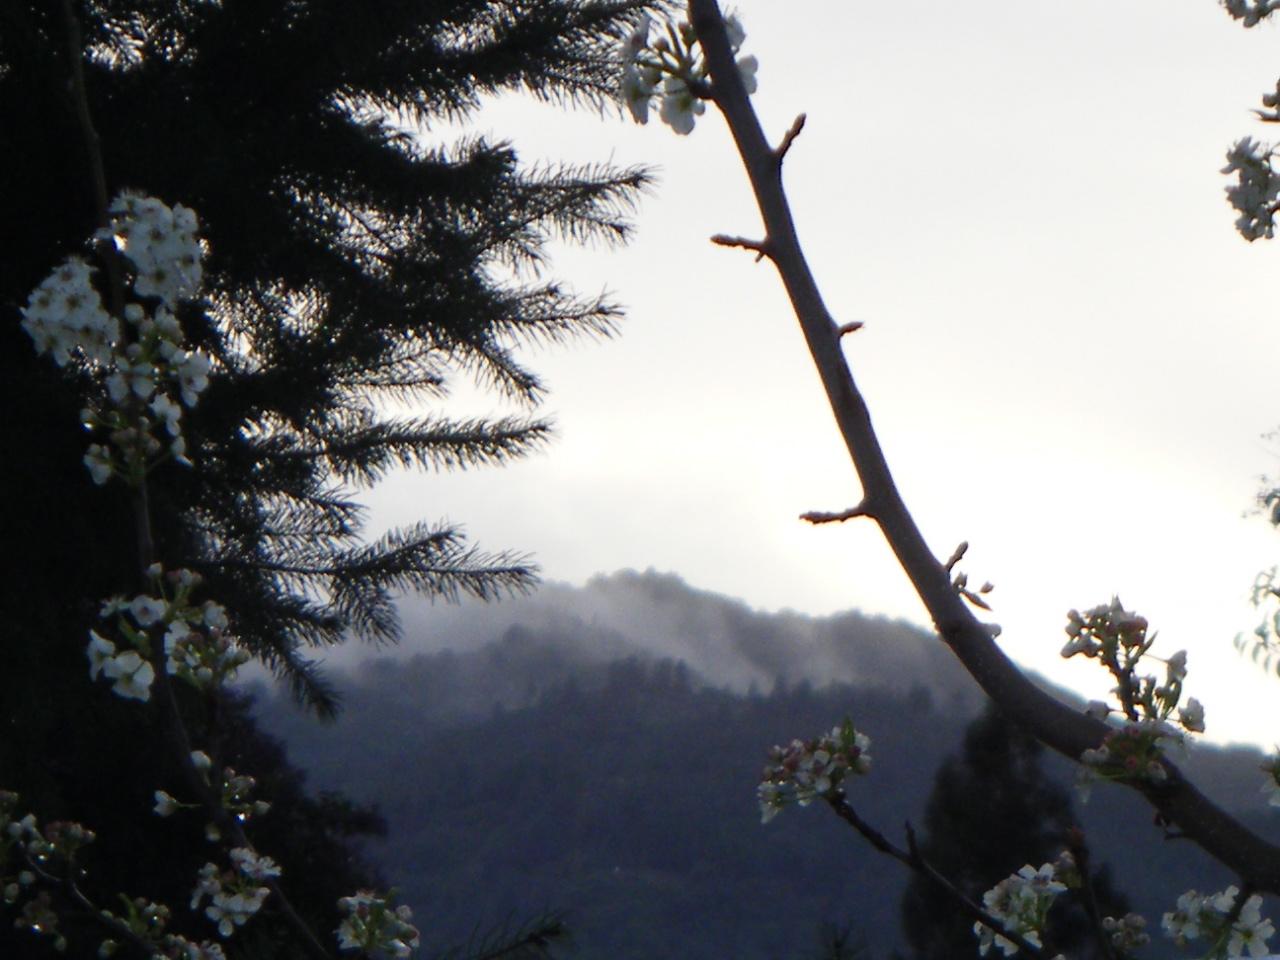 http://blog.writch.com/pear_fog.jpg